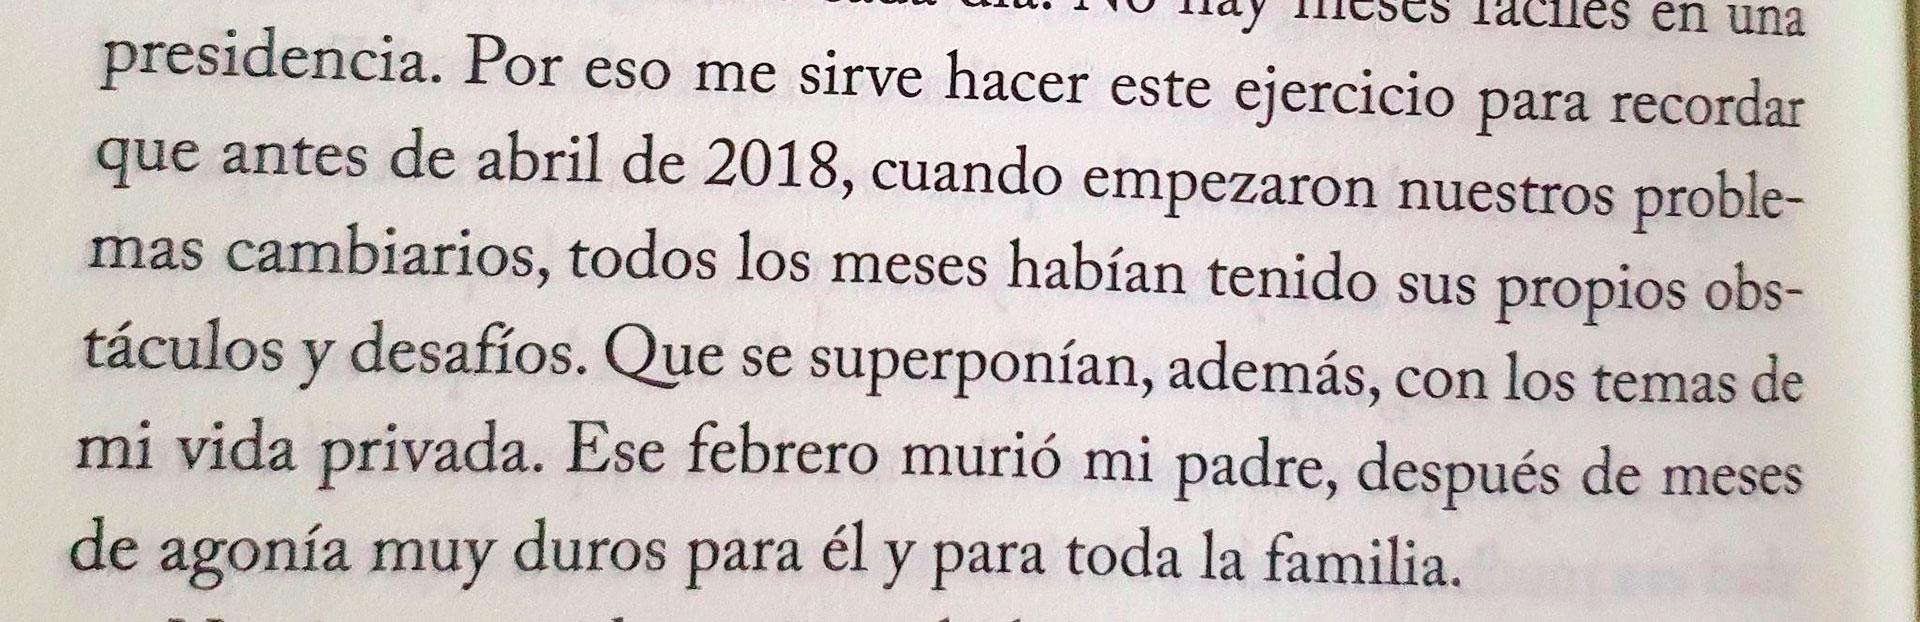 """El sugestivo yerro de Mauricio Macri sobre la muerte de su padre, en """"Primer Tiempo""""."""